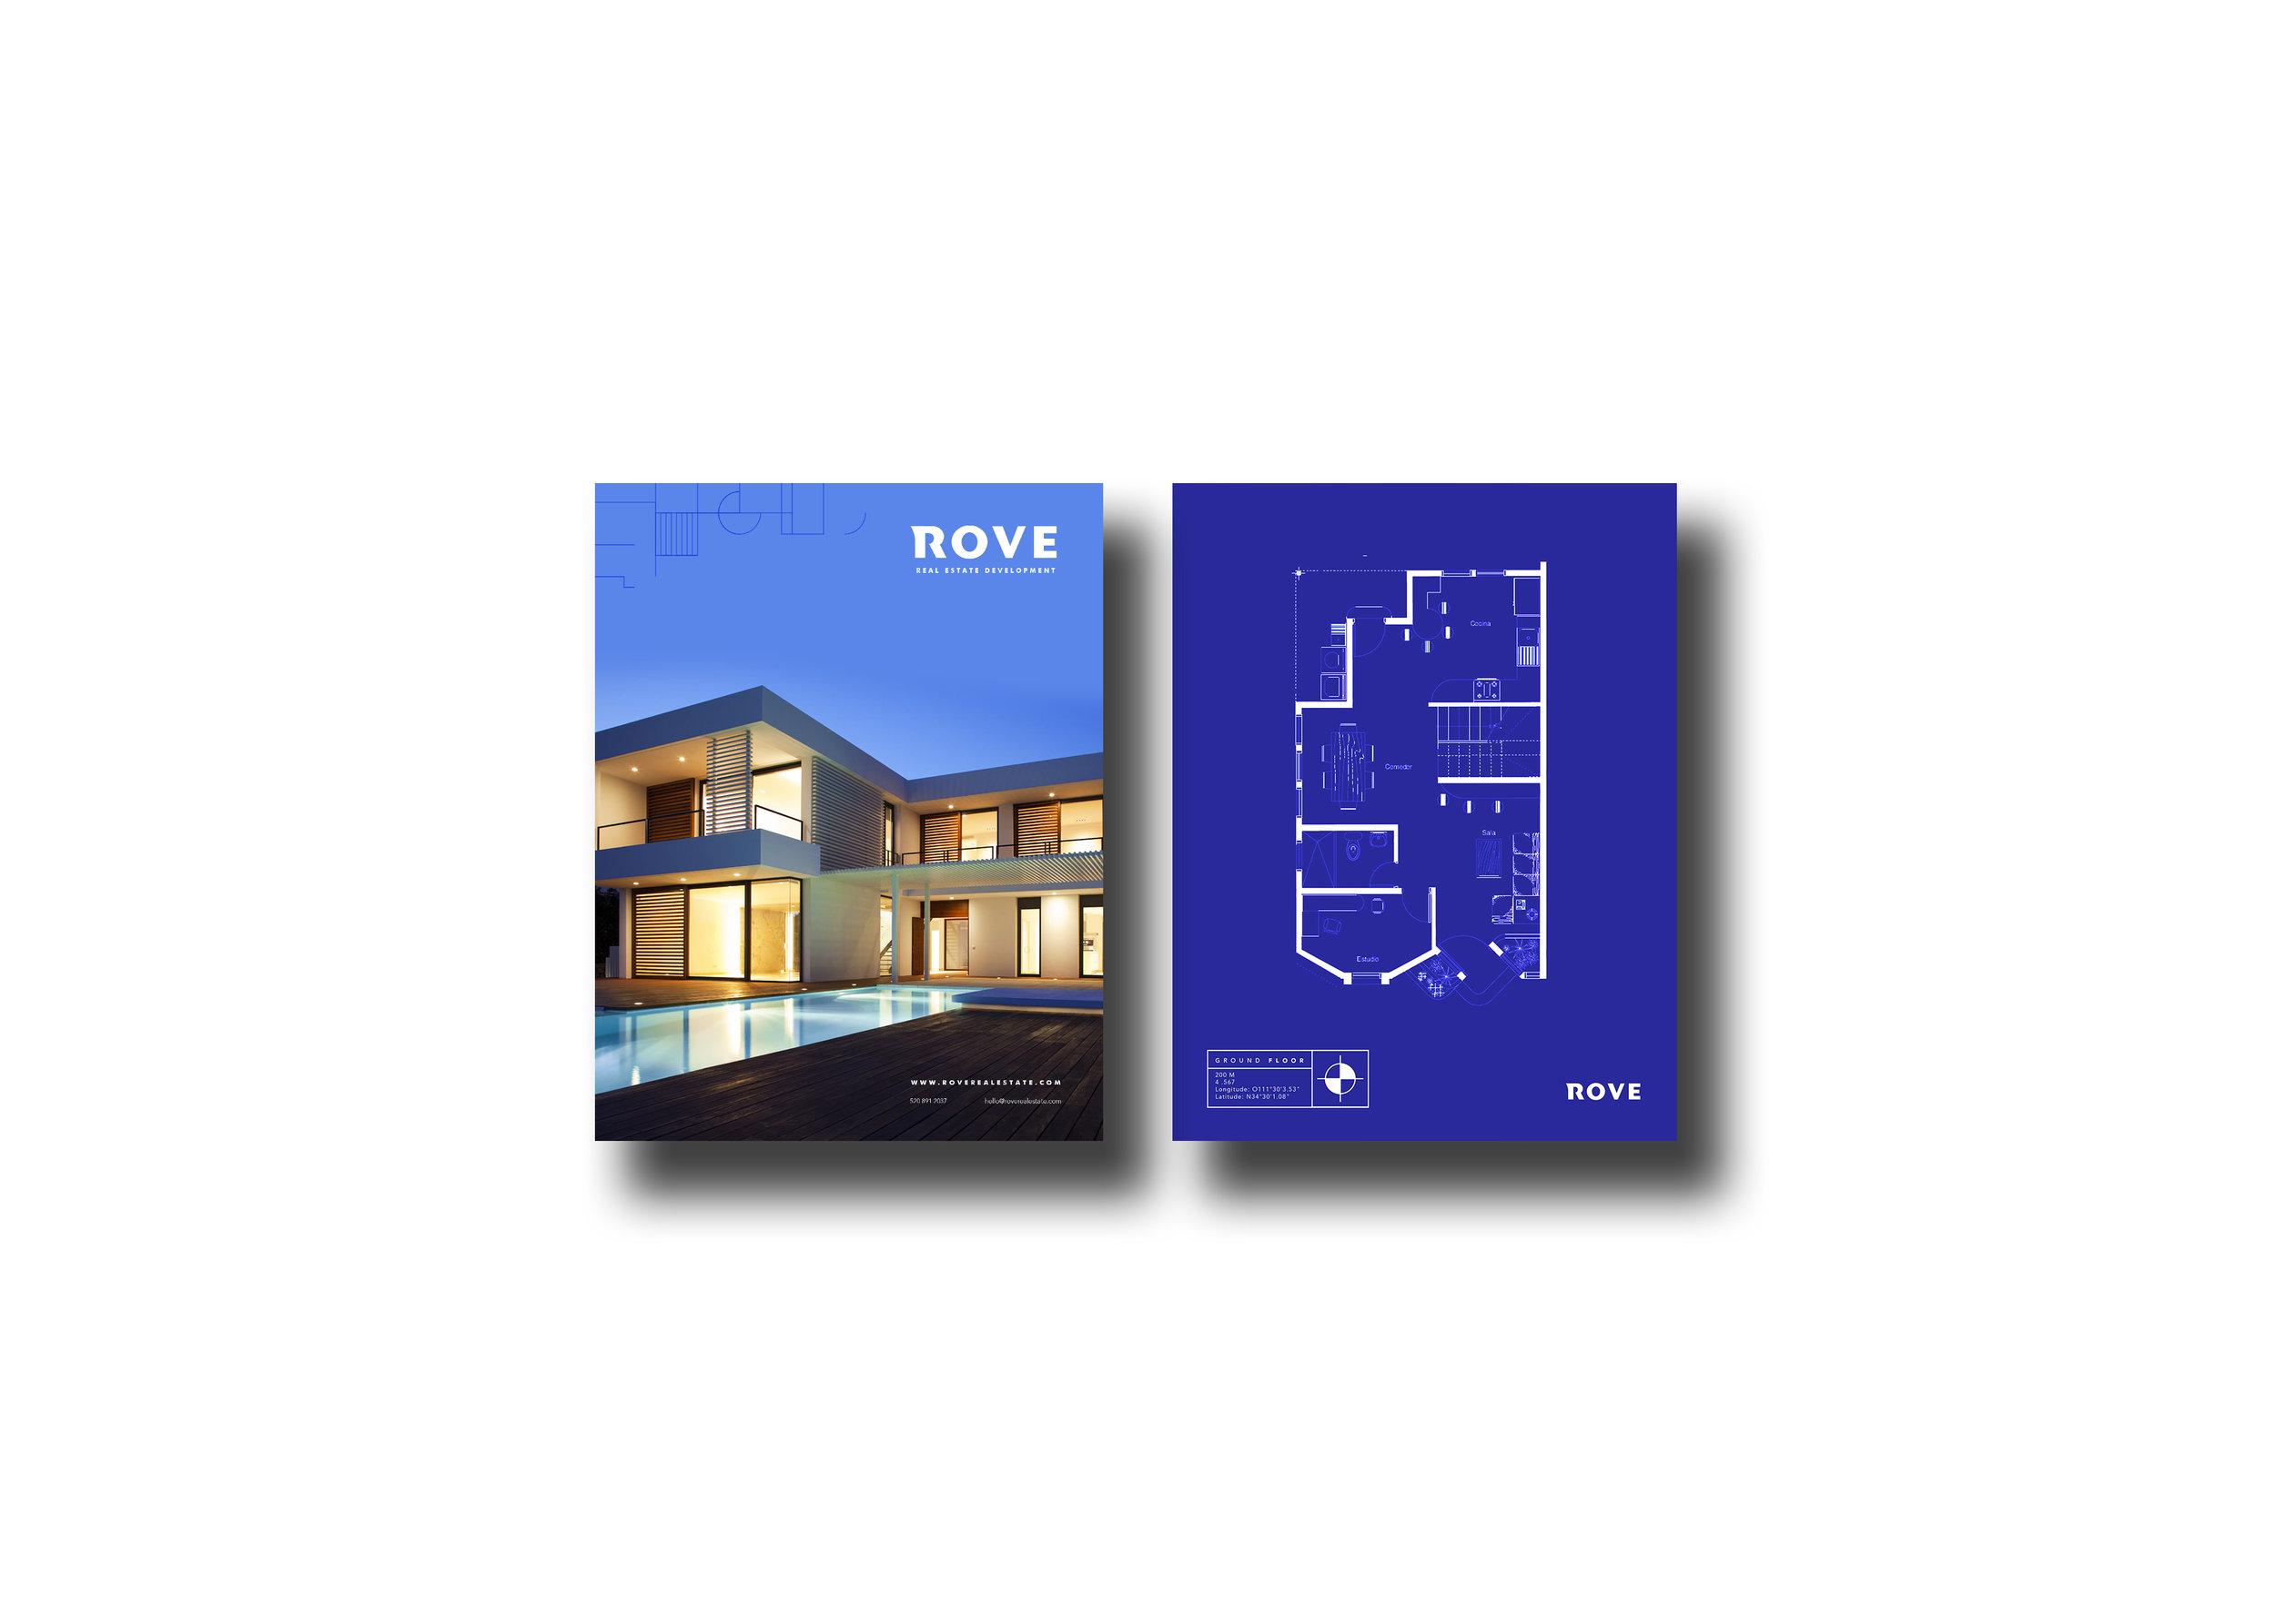 Rove02.jpg